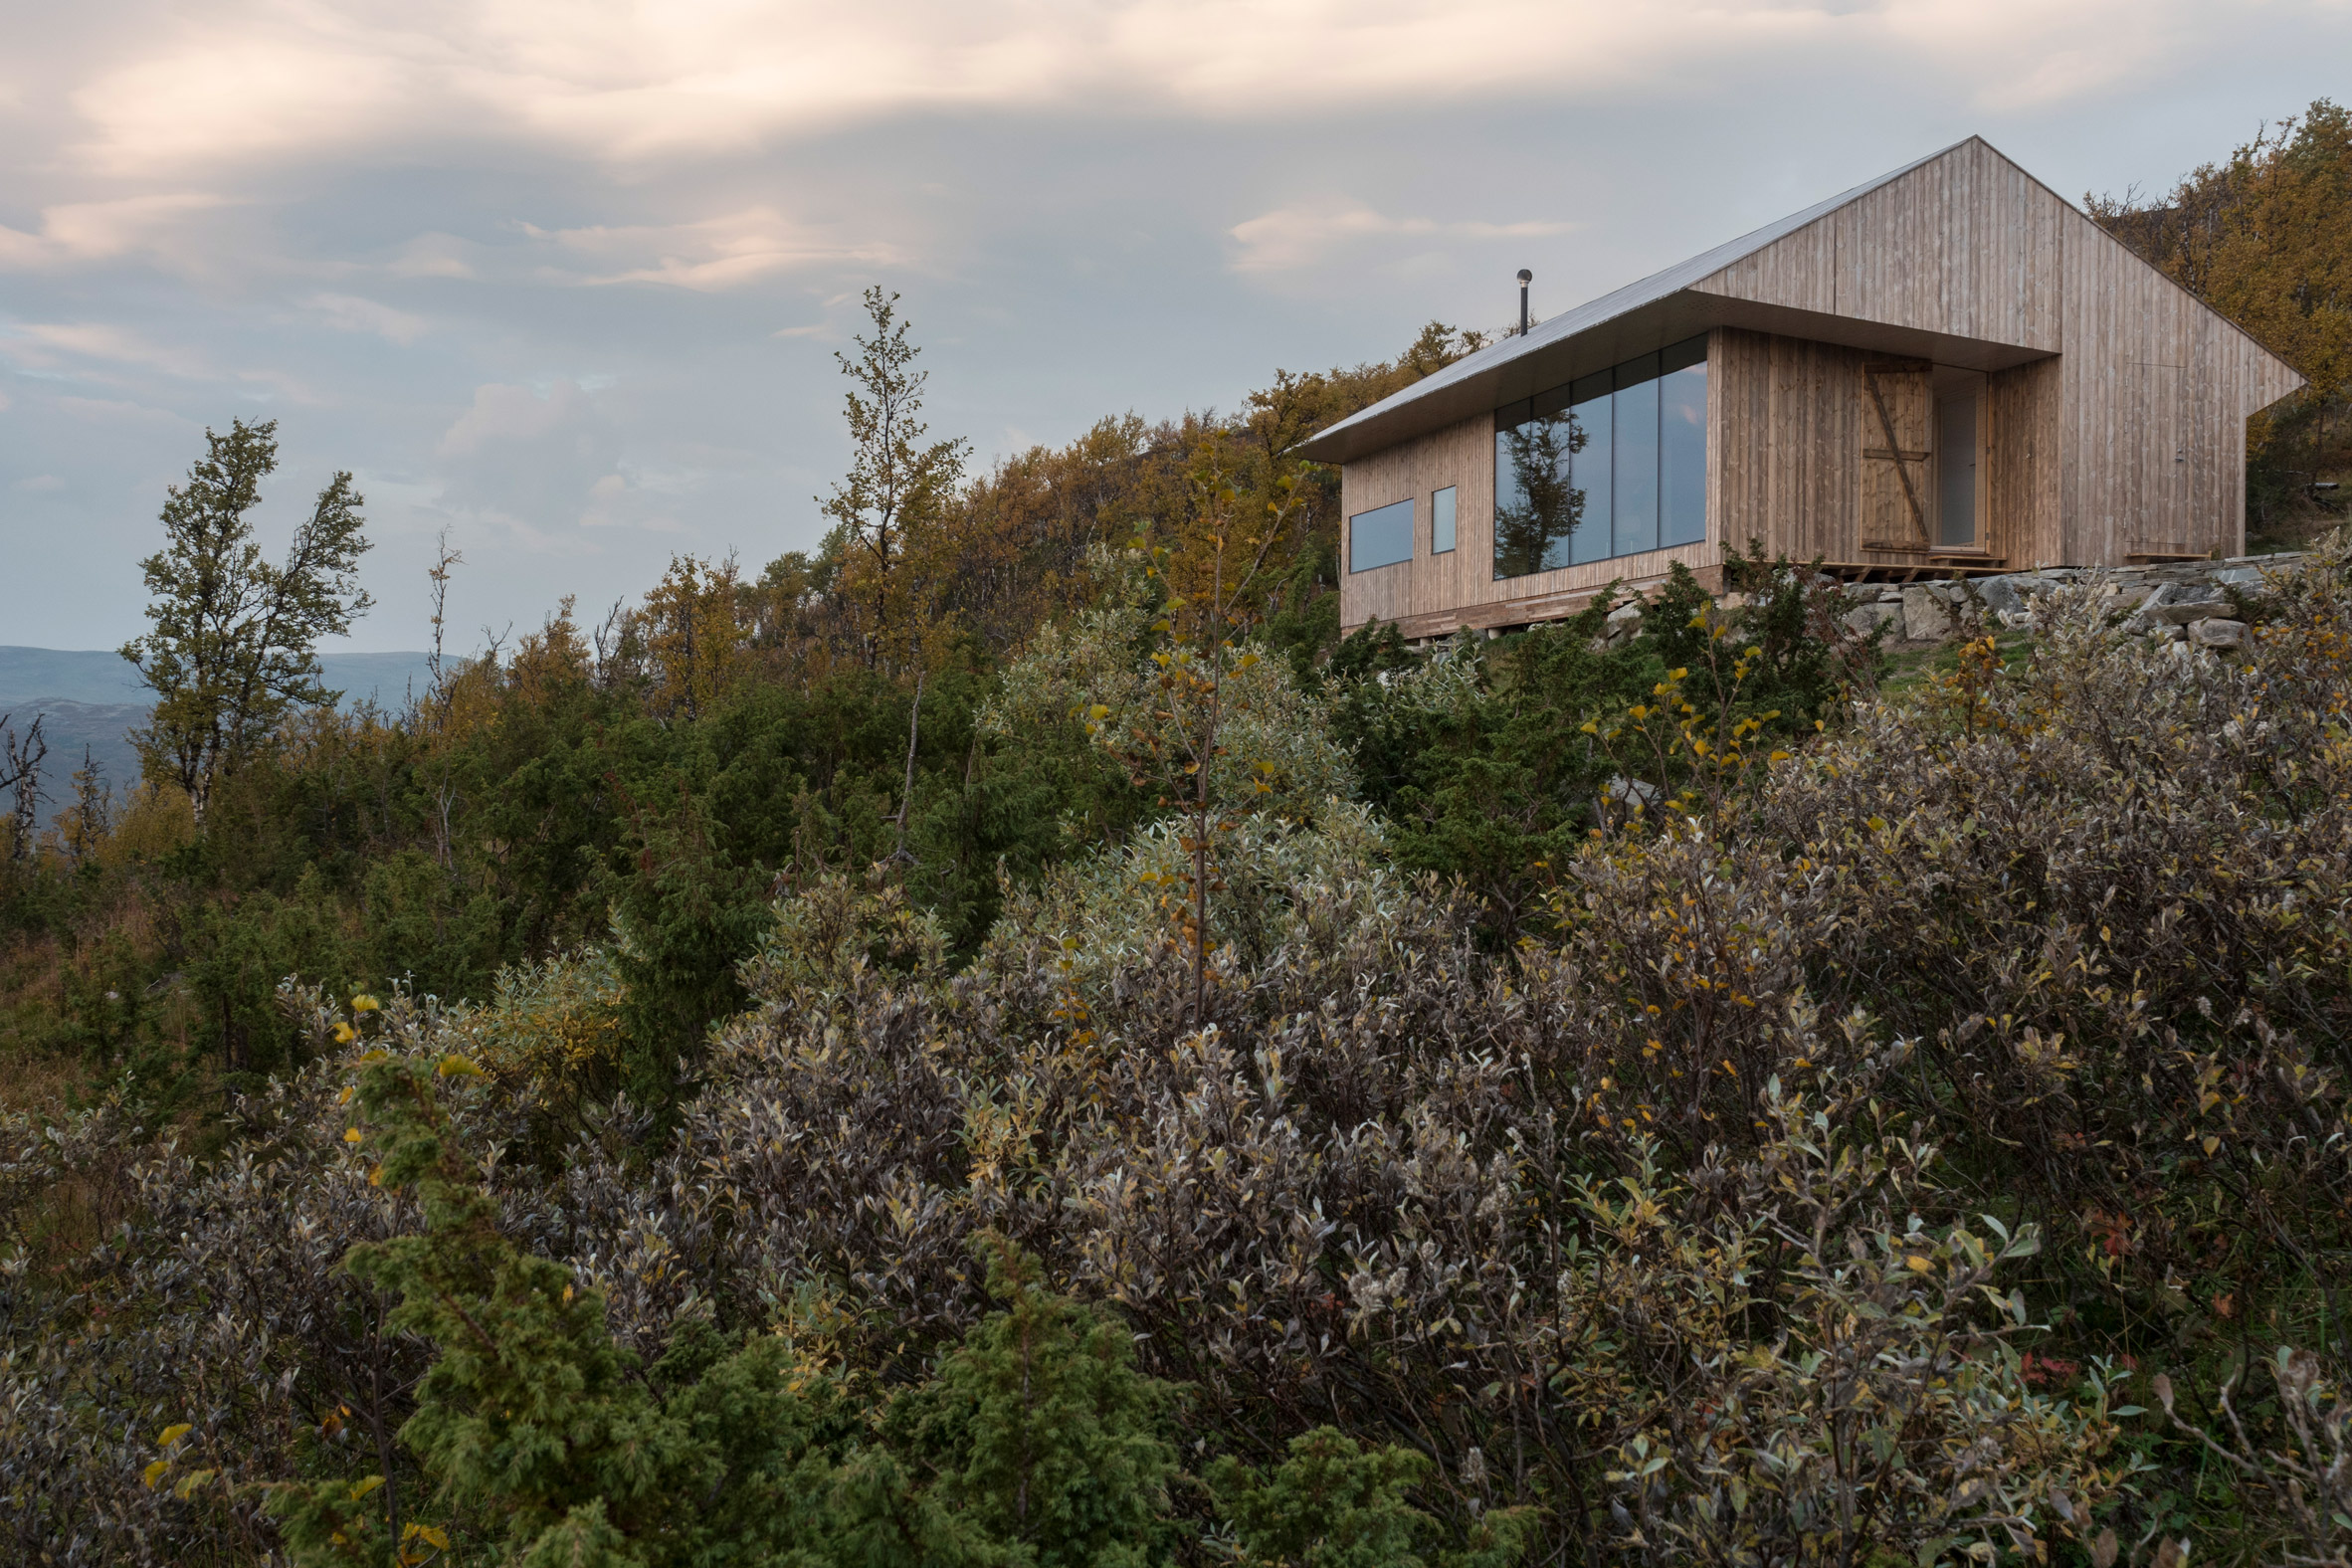 Jon Danielsen Aarhus creates pine-clad mountain cabin in Norway for himself